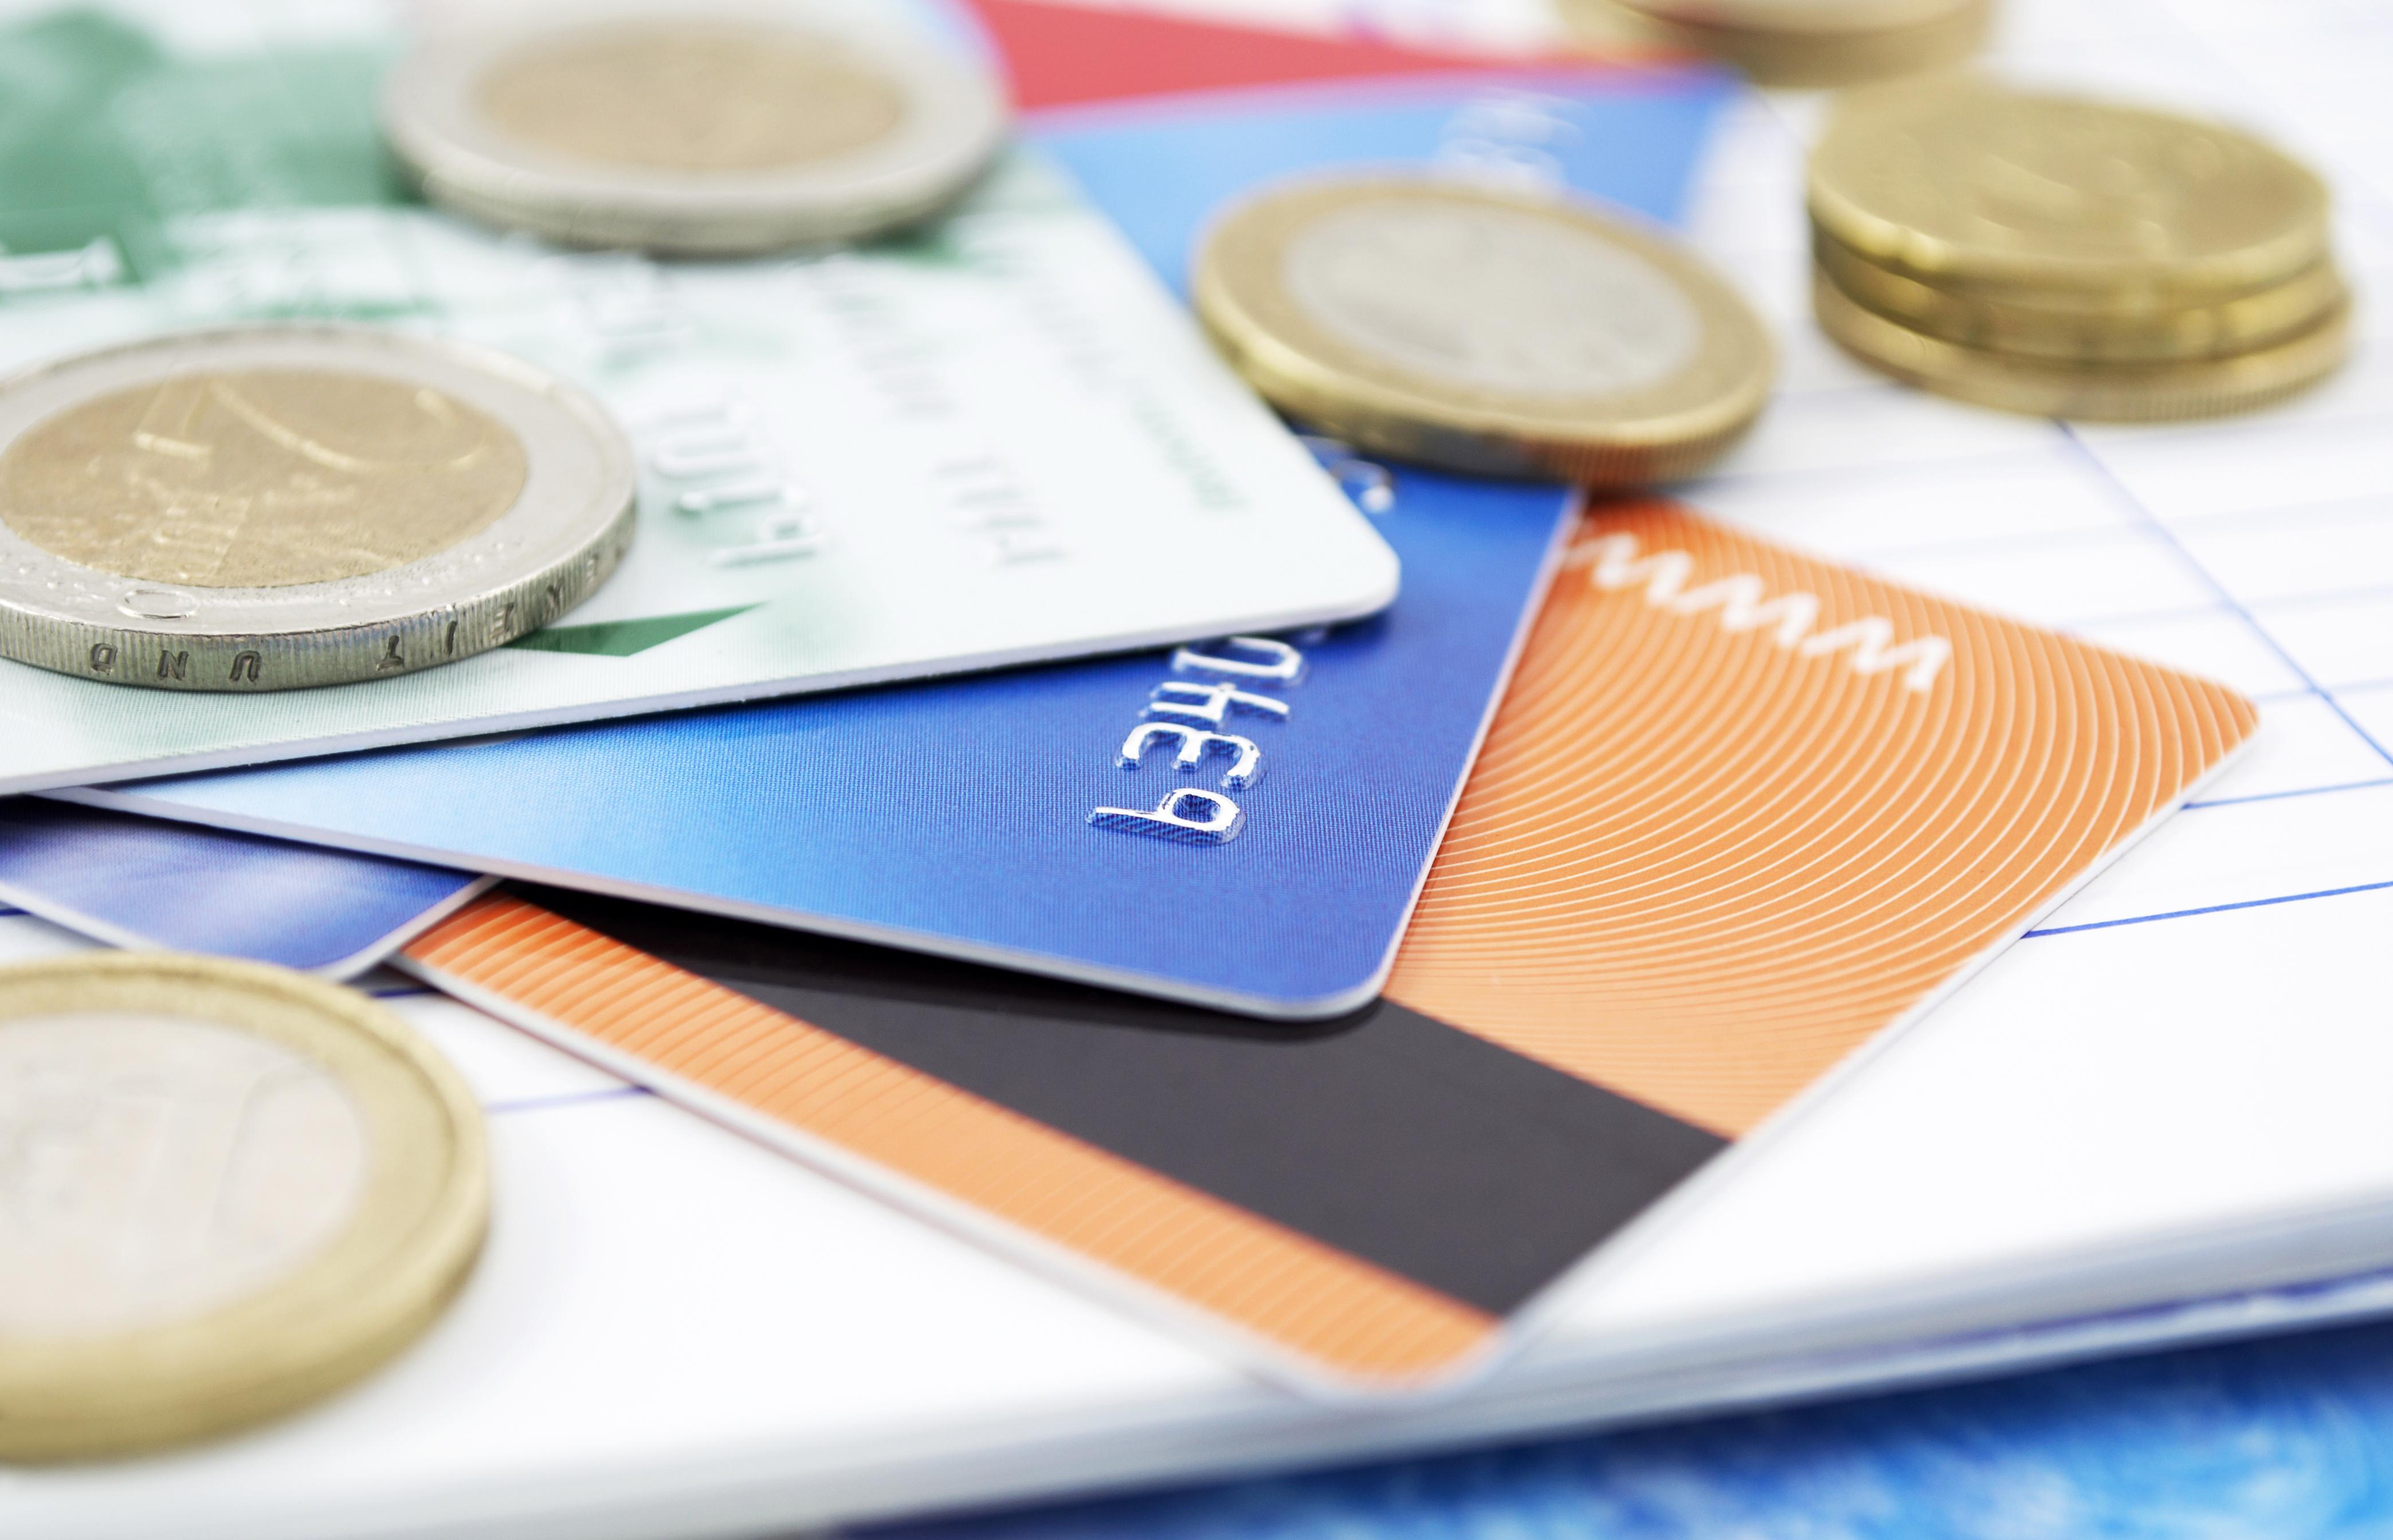 Микрозаймы за 5 минут на карту без проверки кредитной истории